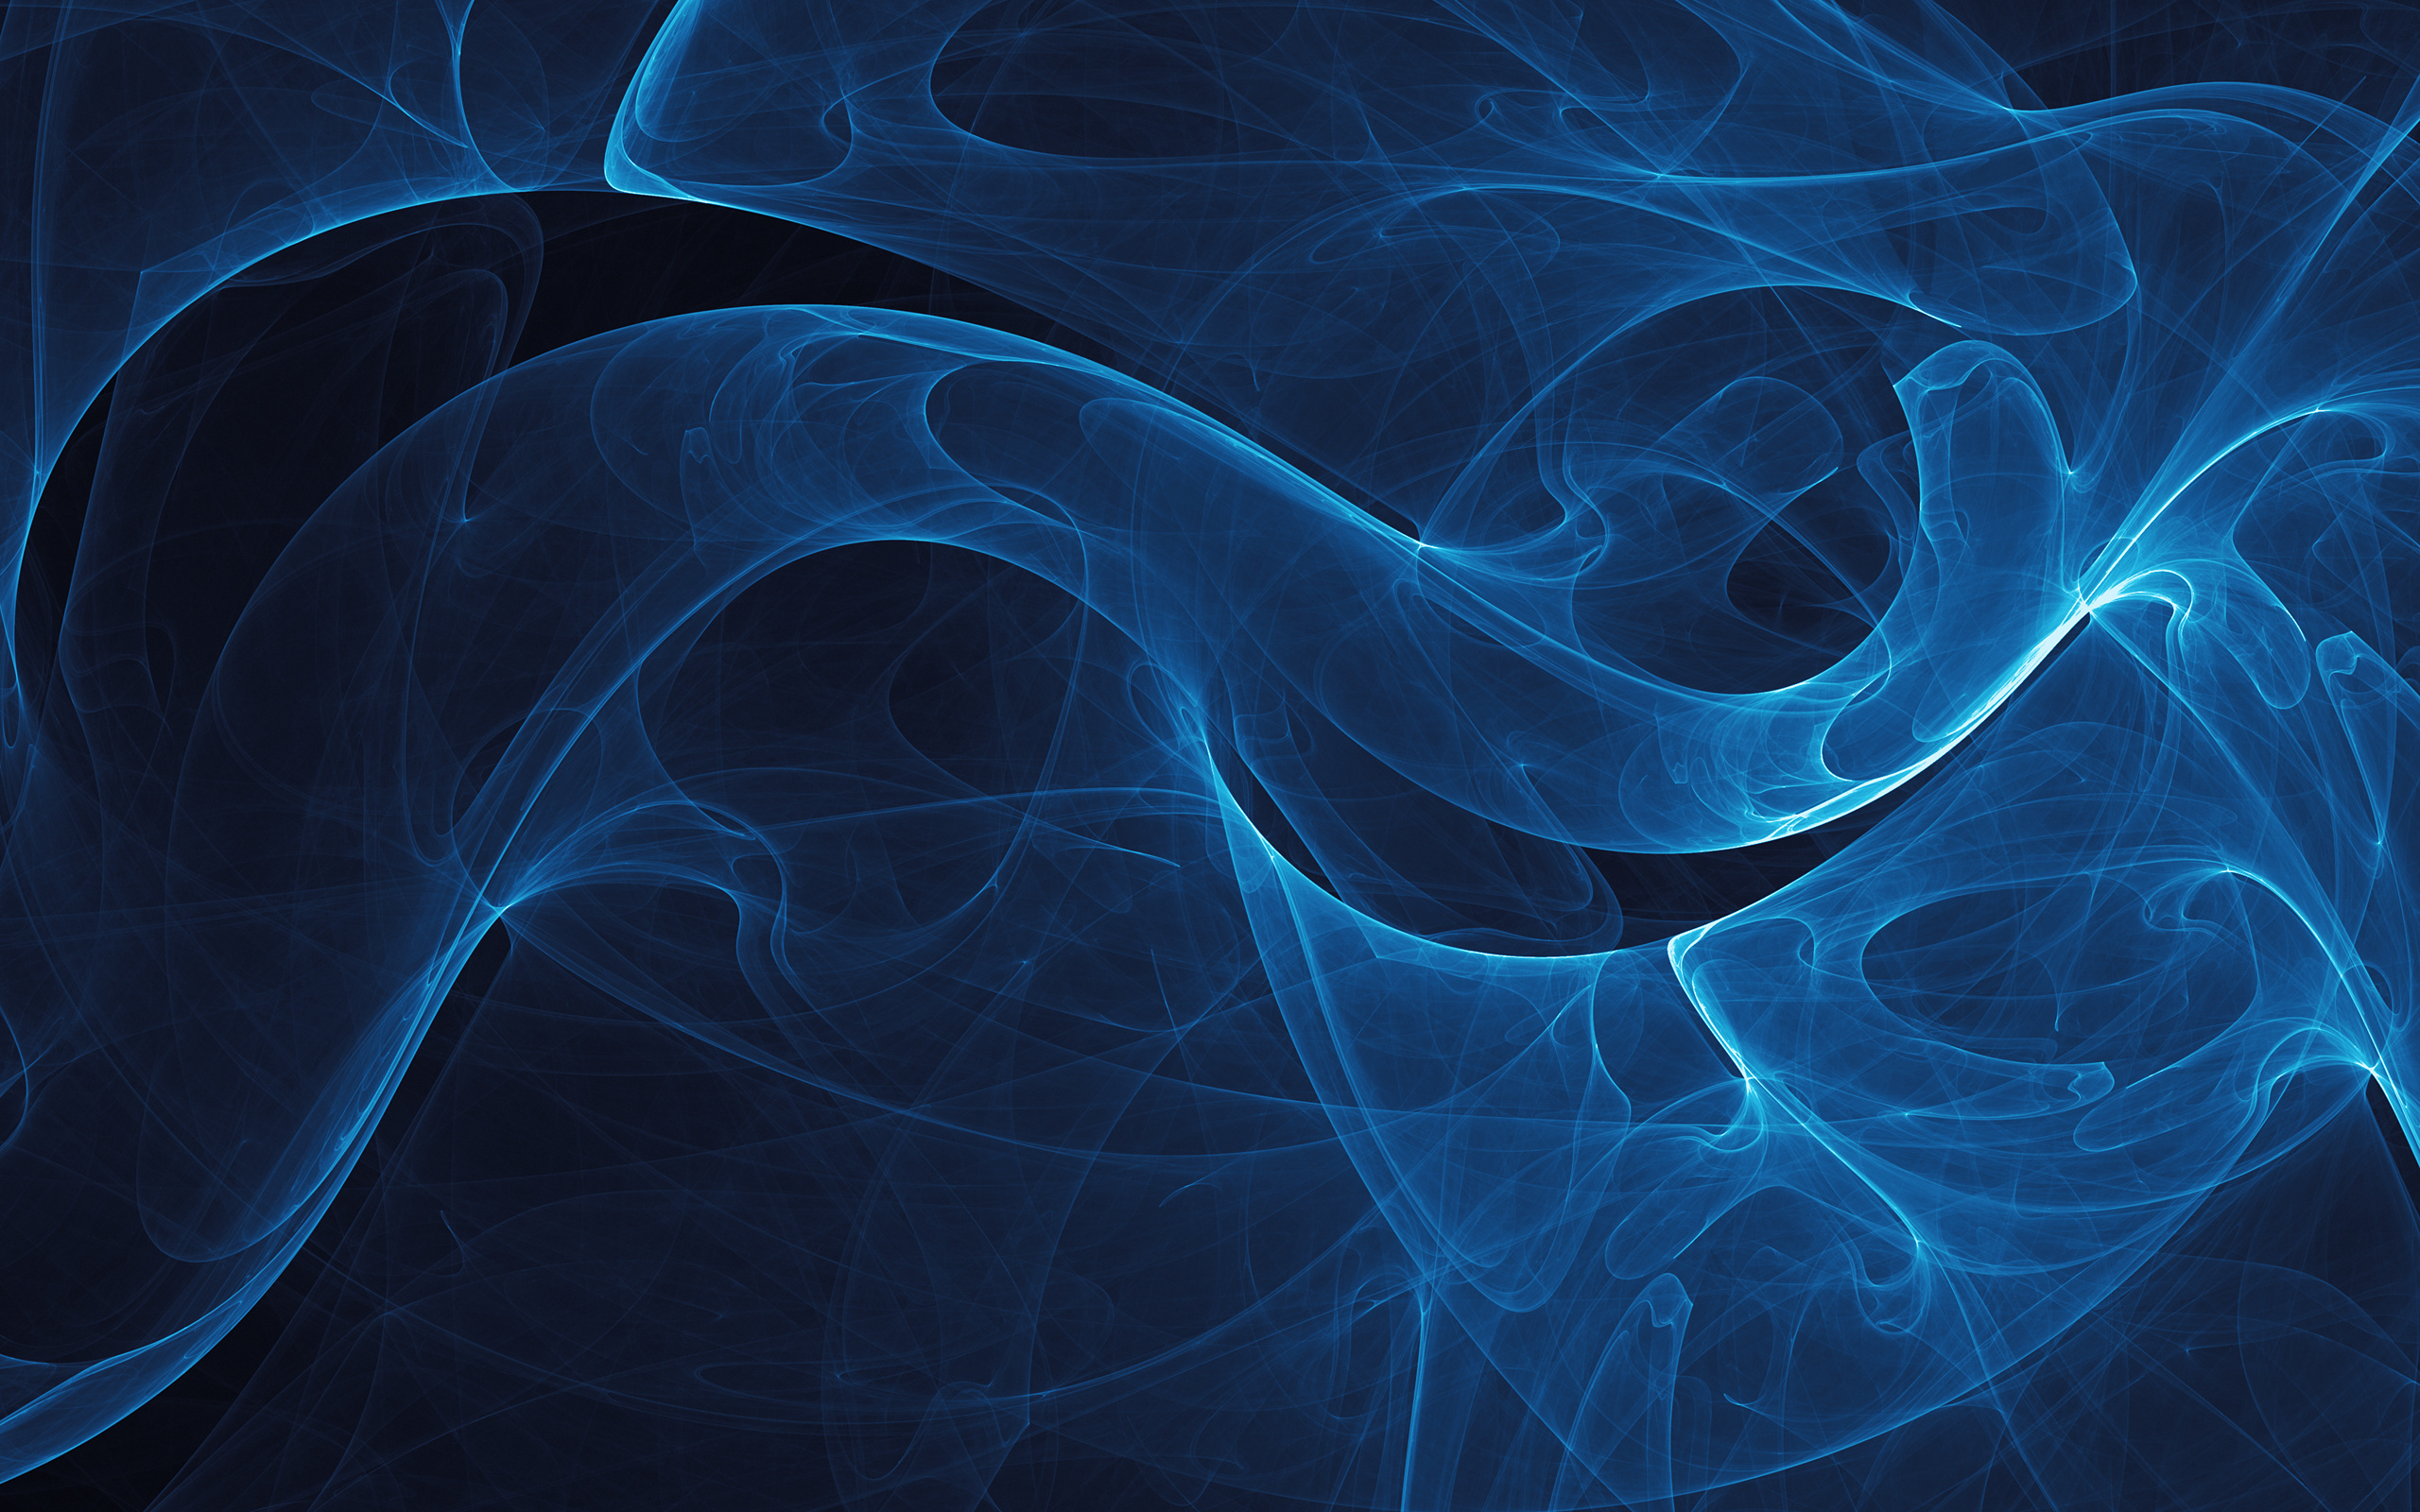 Темно синие картинки на заставку, рождения сестры поздравление